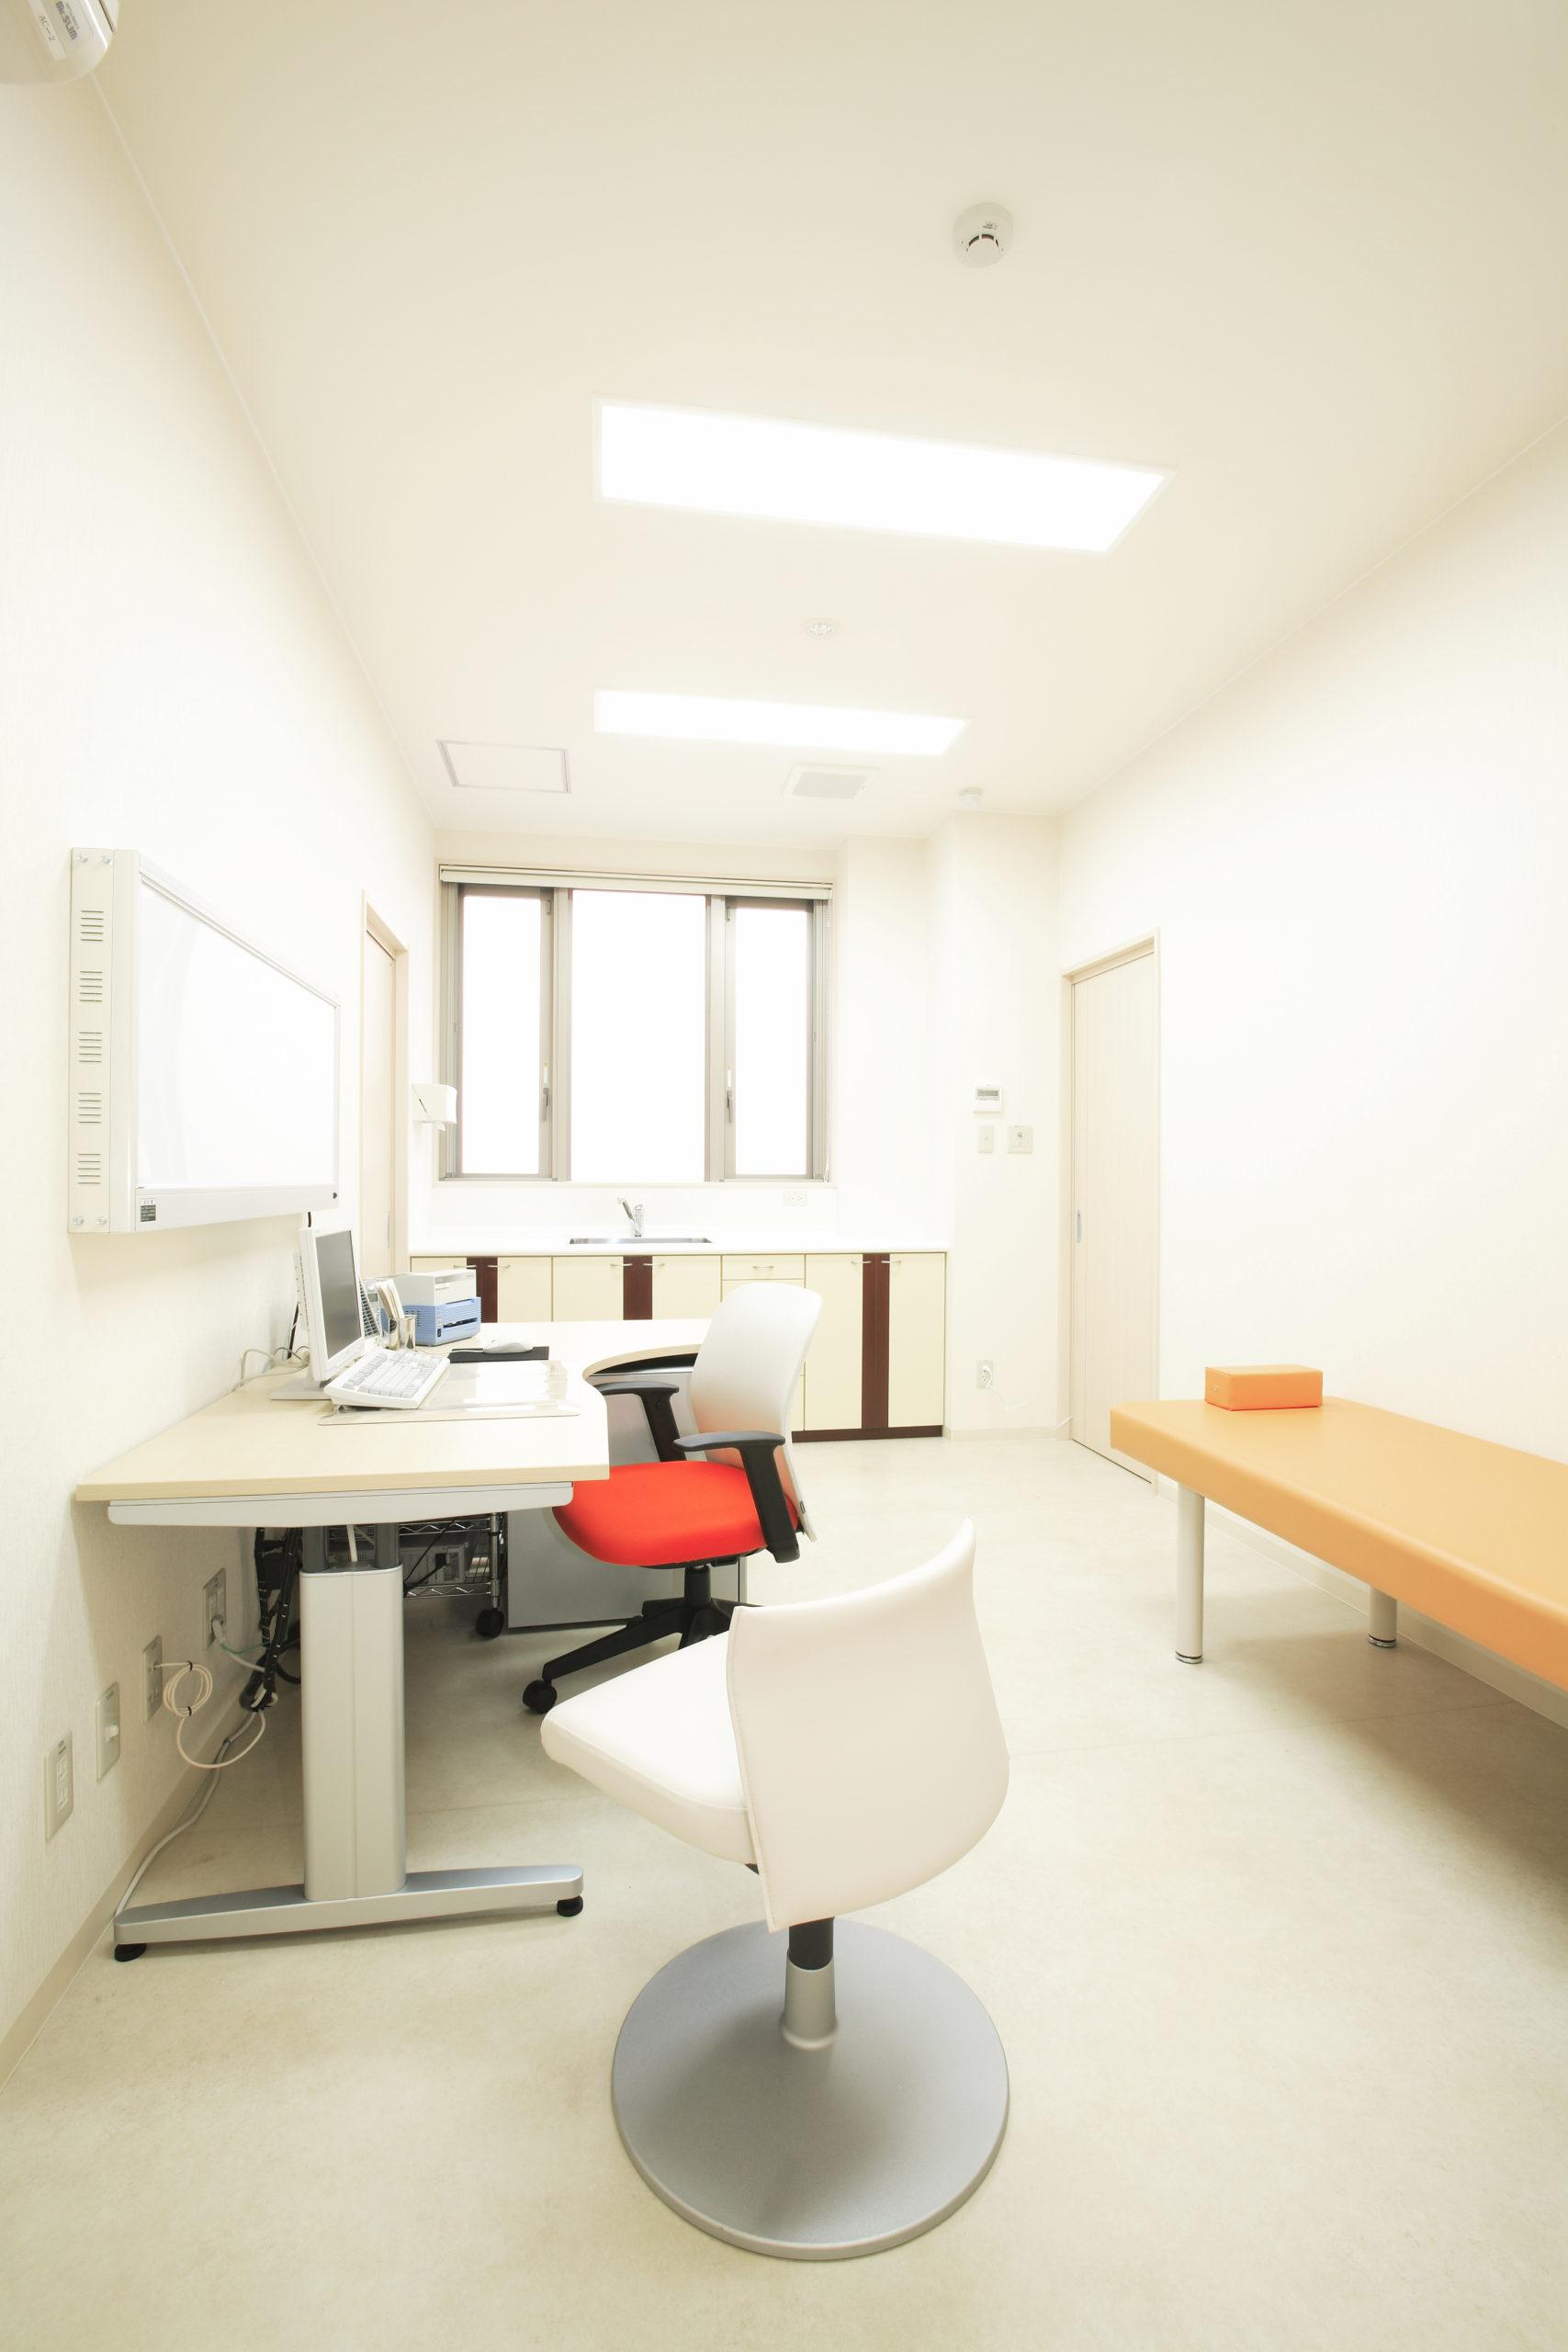 砂山内科クリニック 診察室